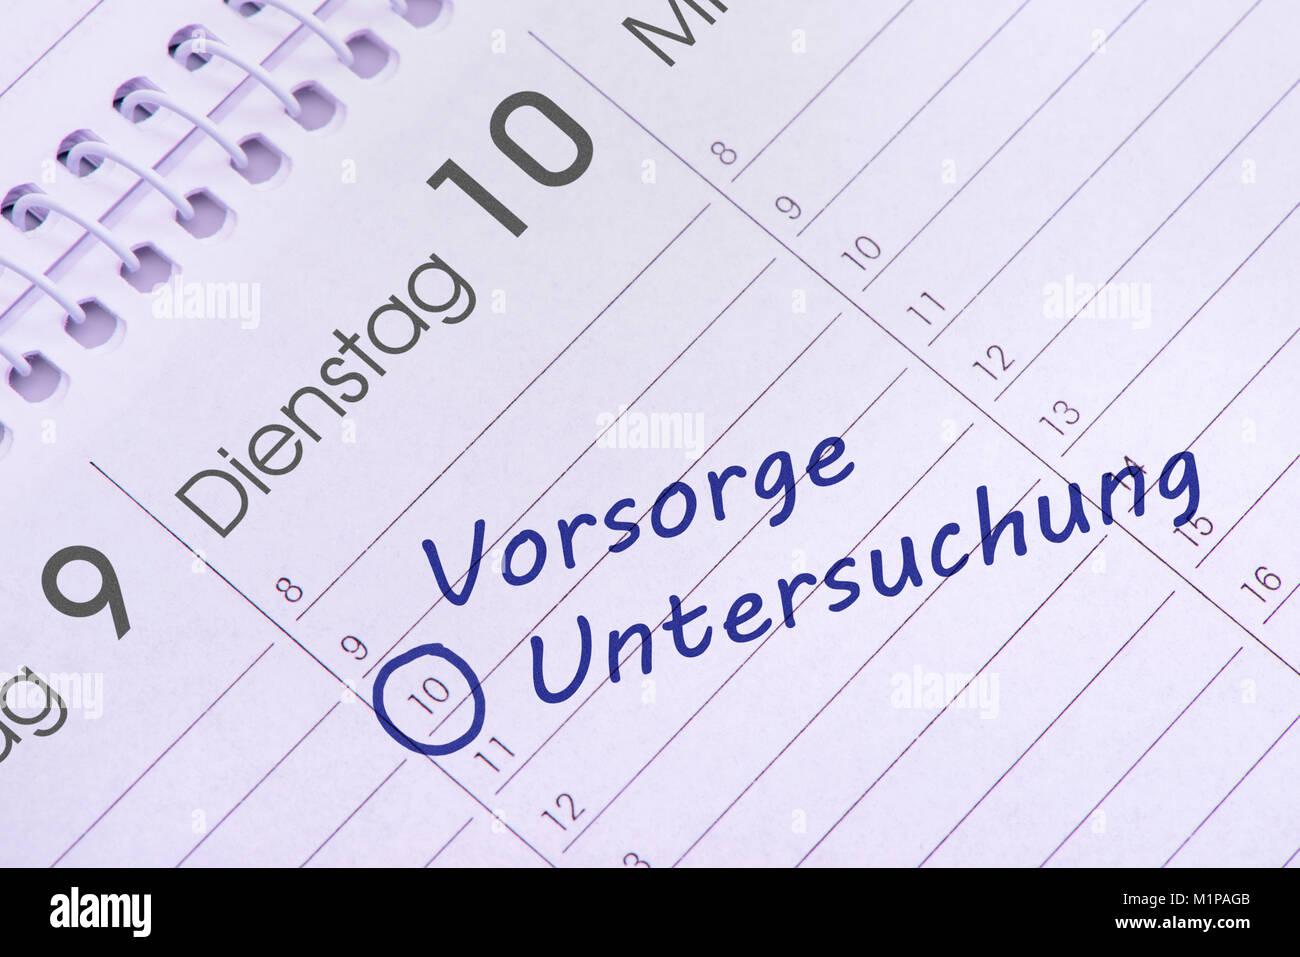 Vorsorge Untersuchung  Termin im Kalender Stock Photo